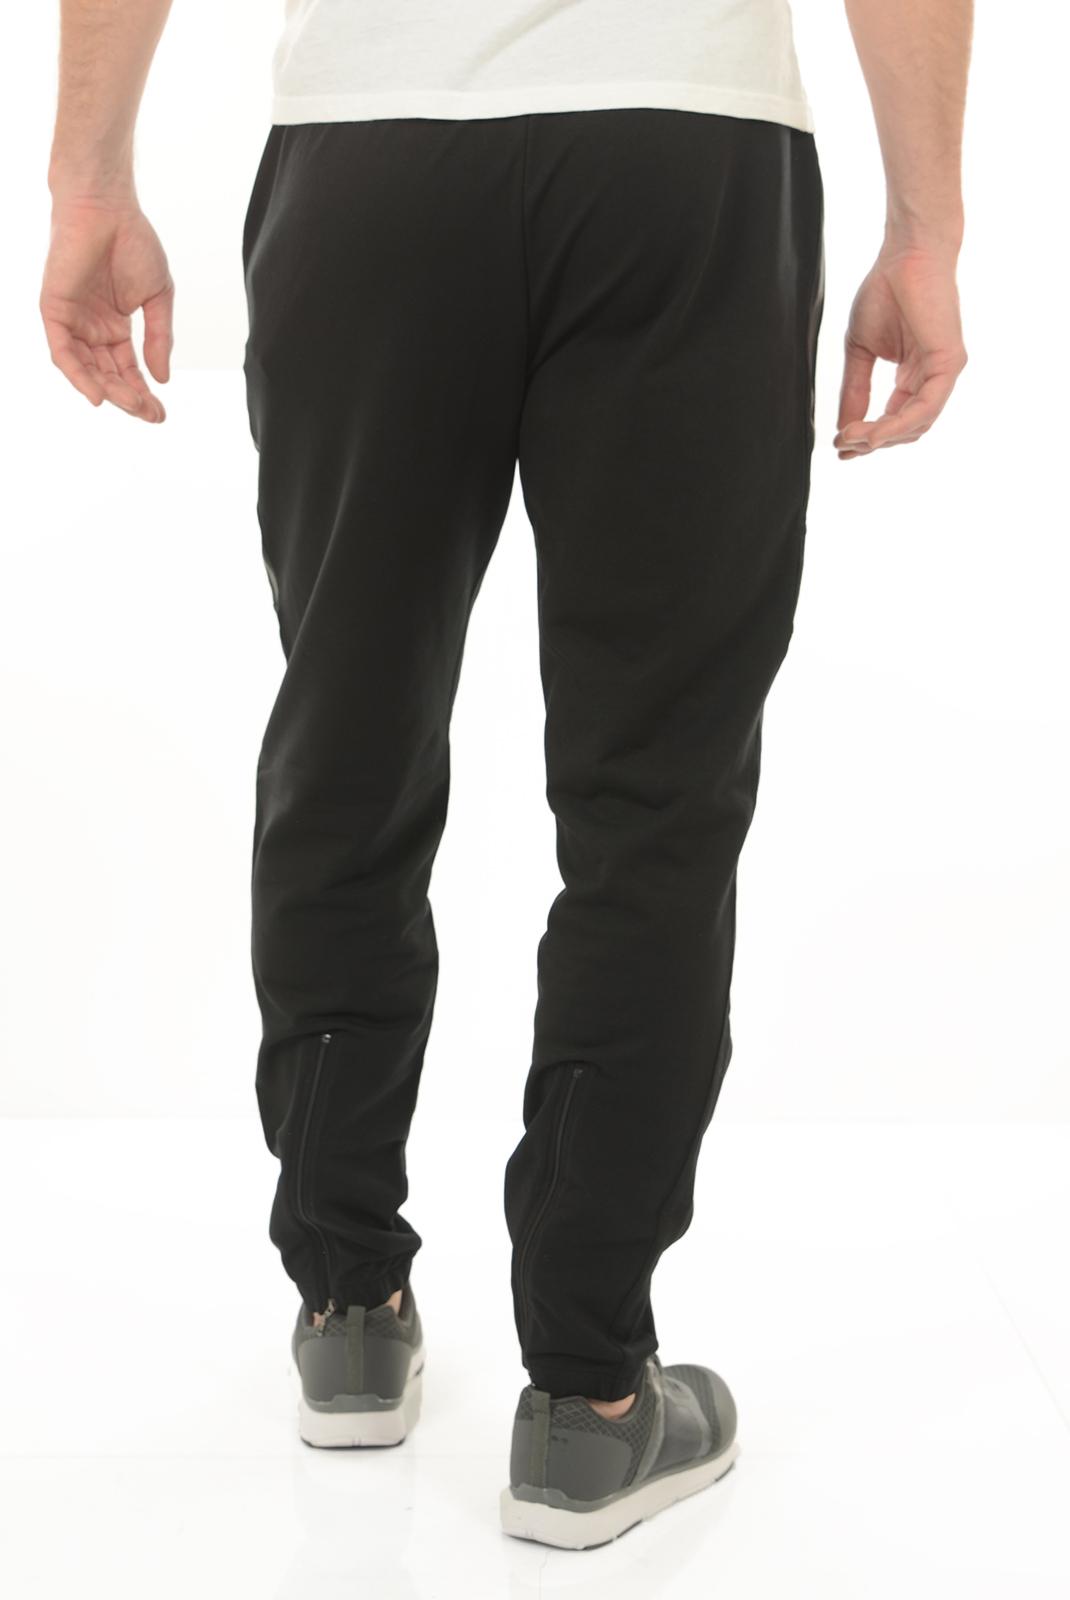 Pantalons sport/streetwear  Emporio armani 6XPP76 PJ19Z 1200